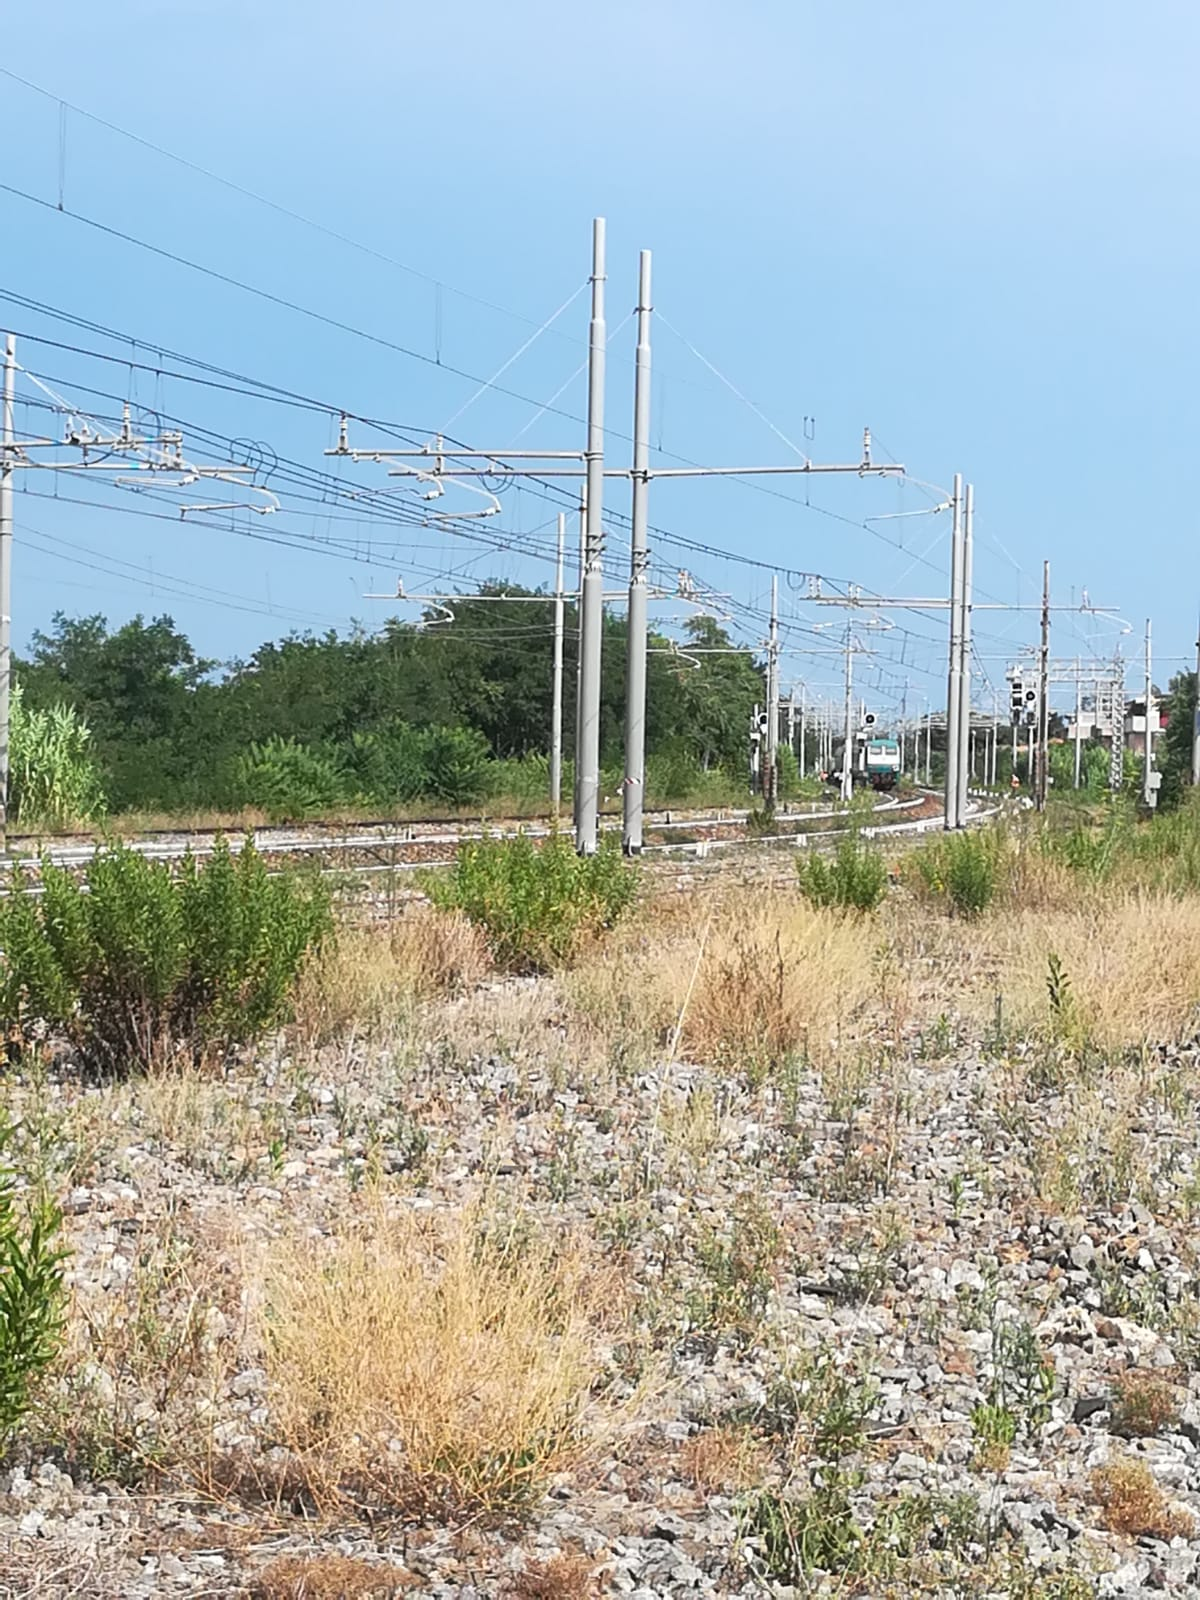 Gizzeria. Tragedia in stazione, uomo suicida travolto dal treno-LameziaTermeit